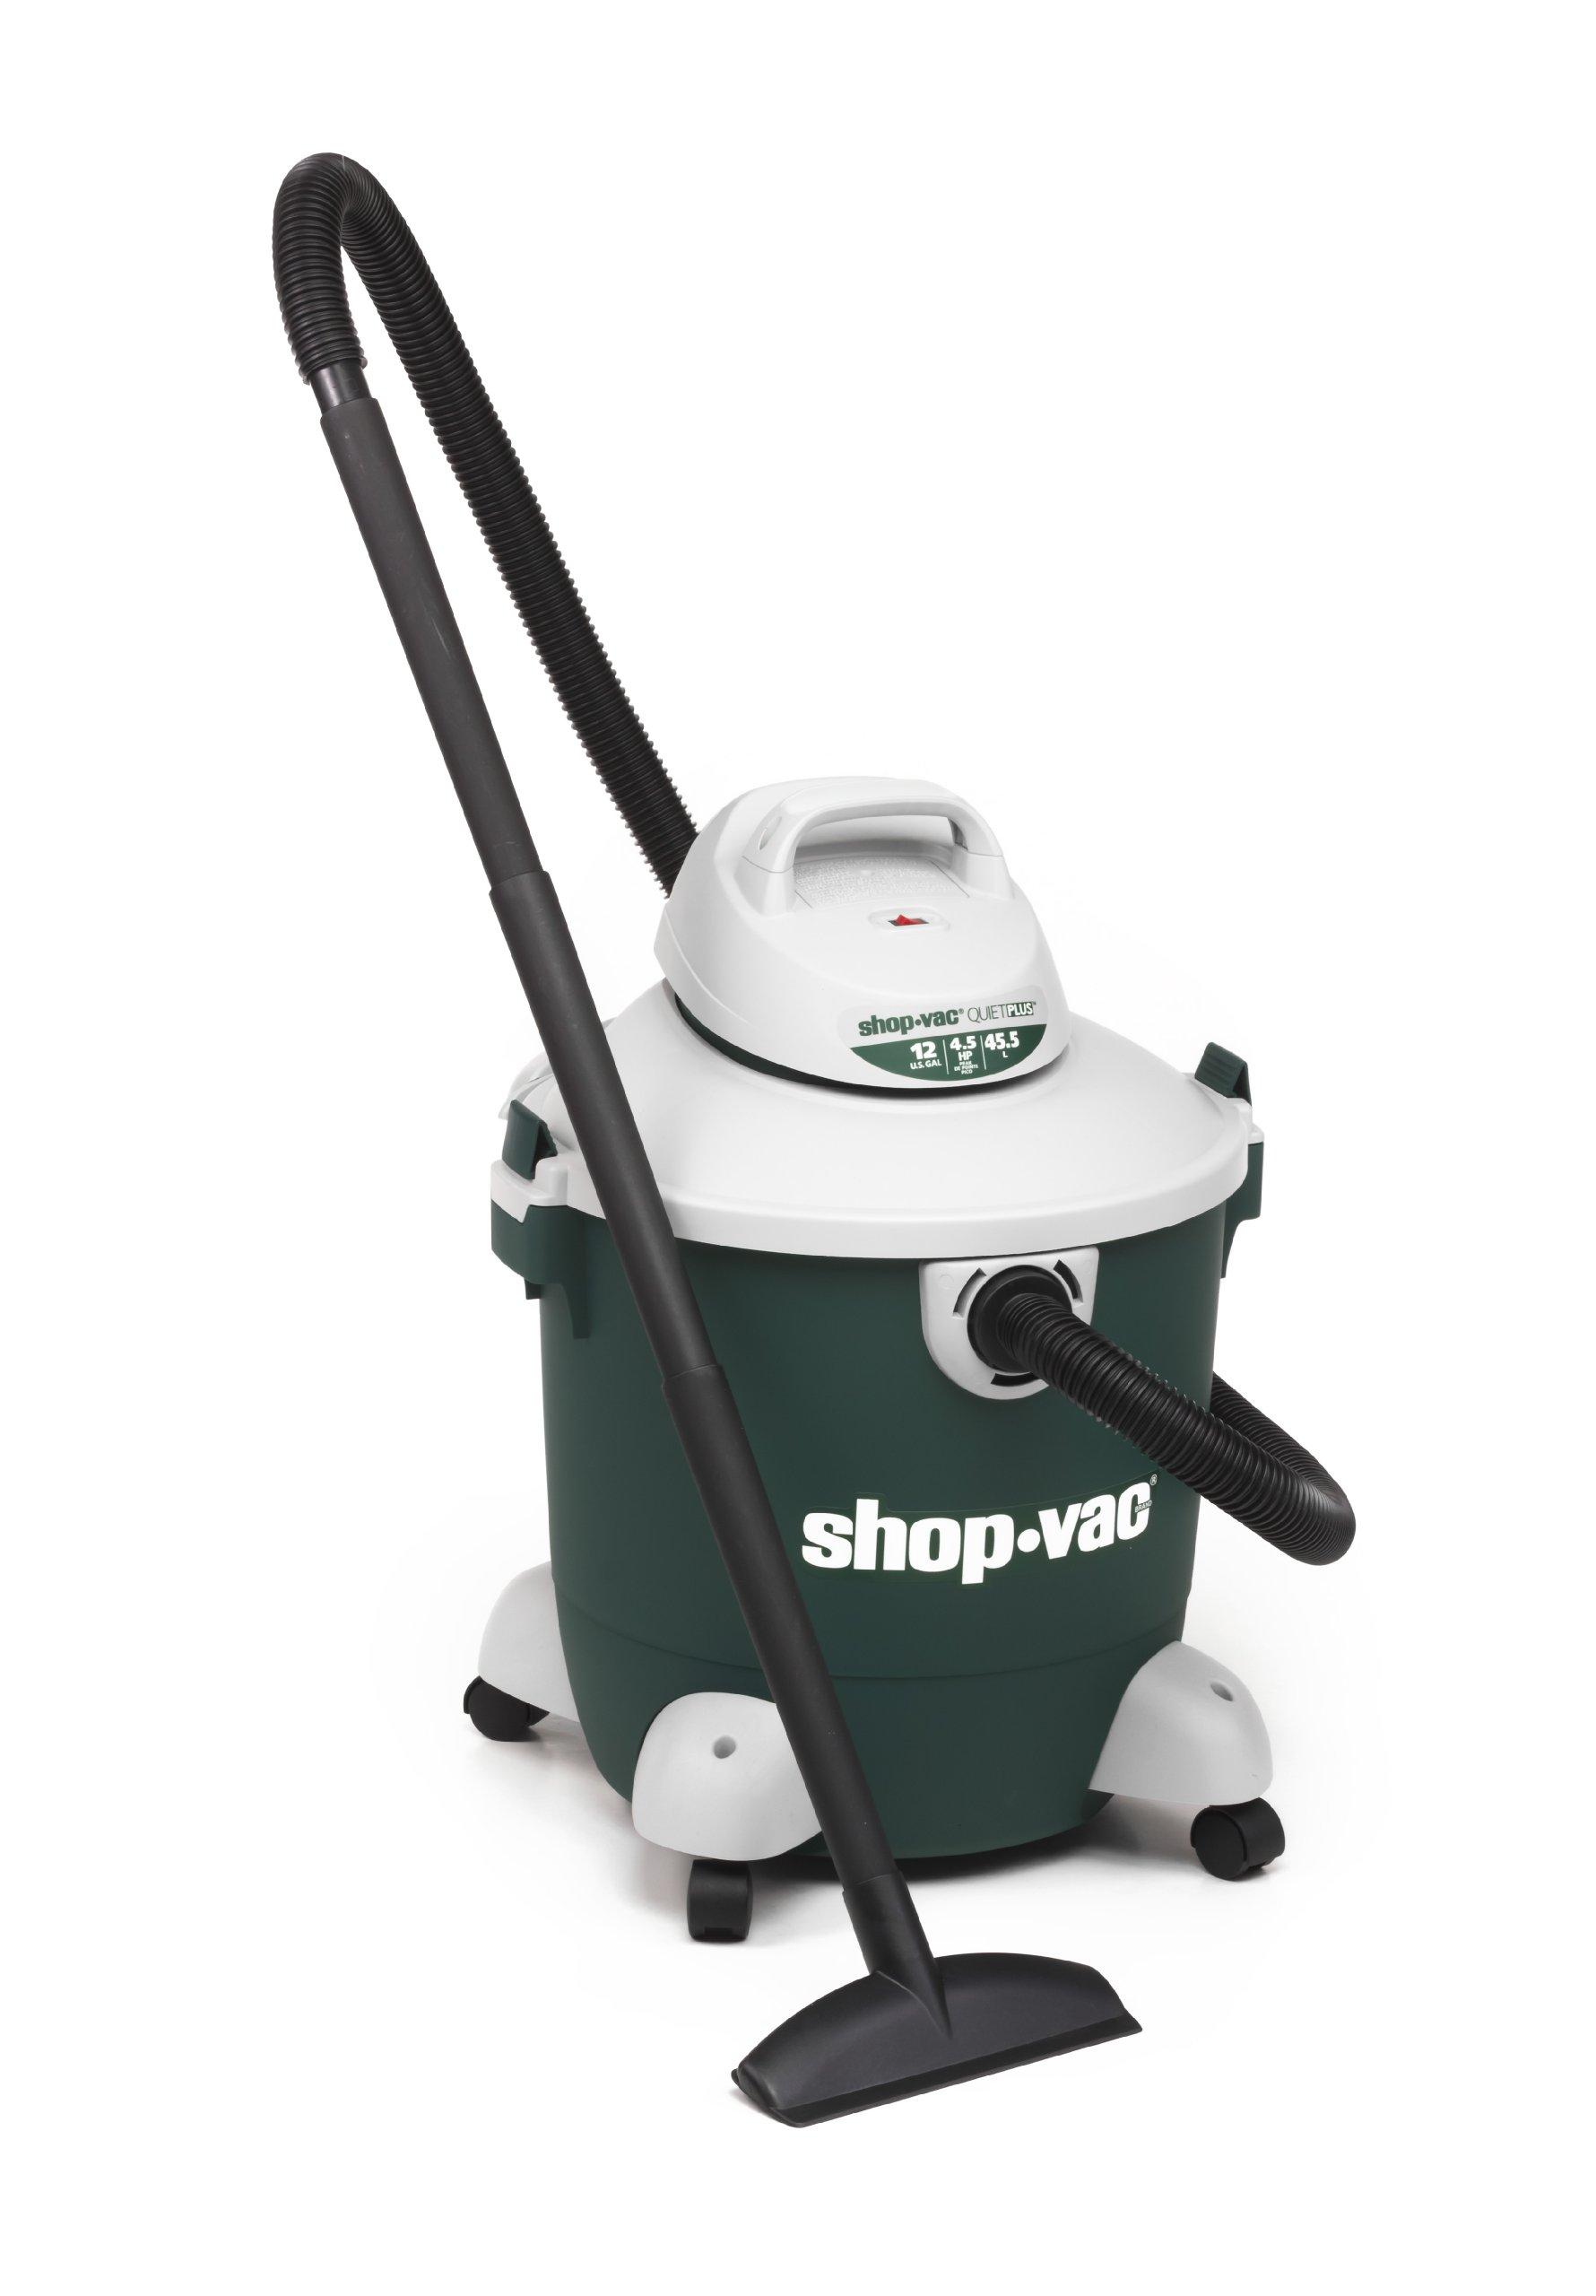 Shop-Vac 5981200 12-Gallon 4.5 Peak HP Quiet Plus Series Wet Dry Vacuum